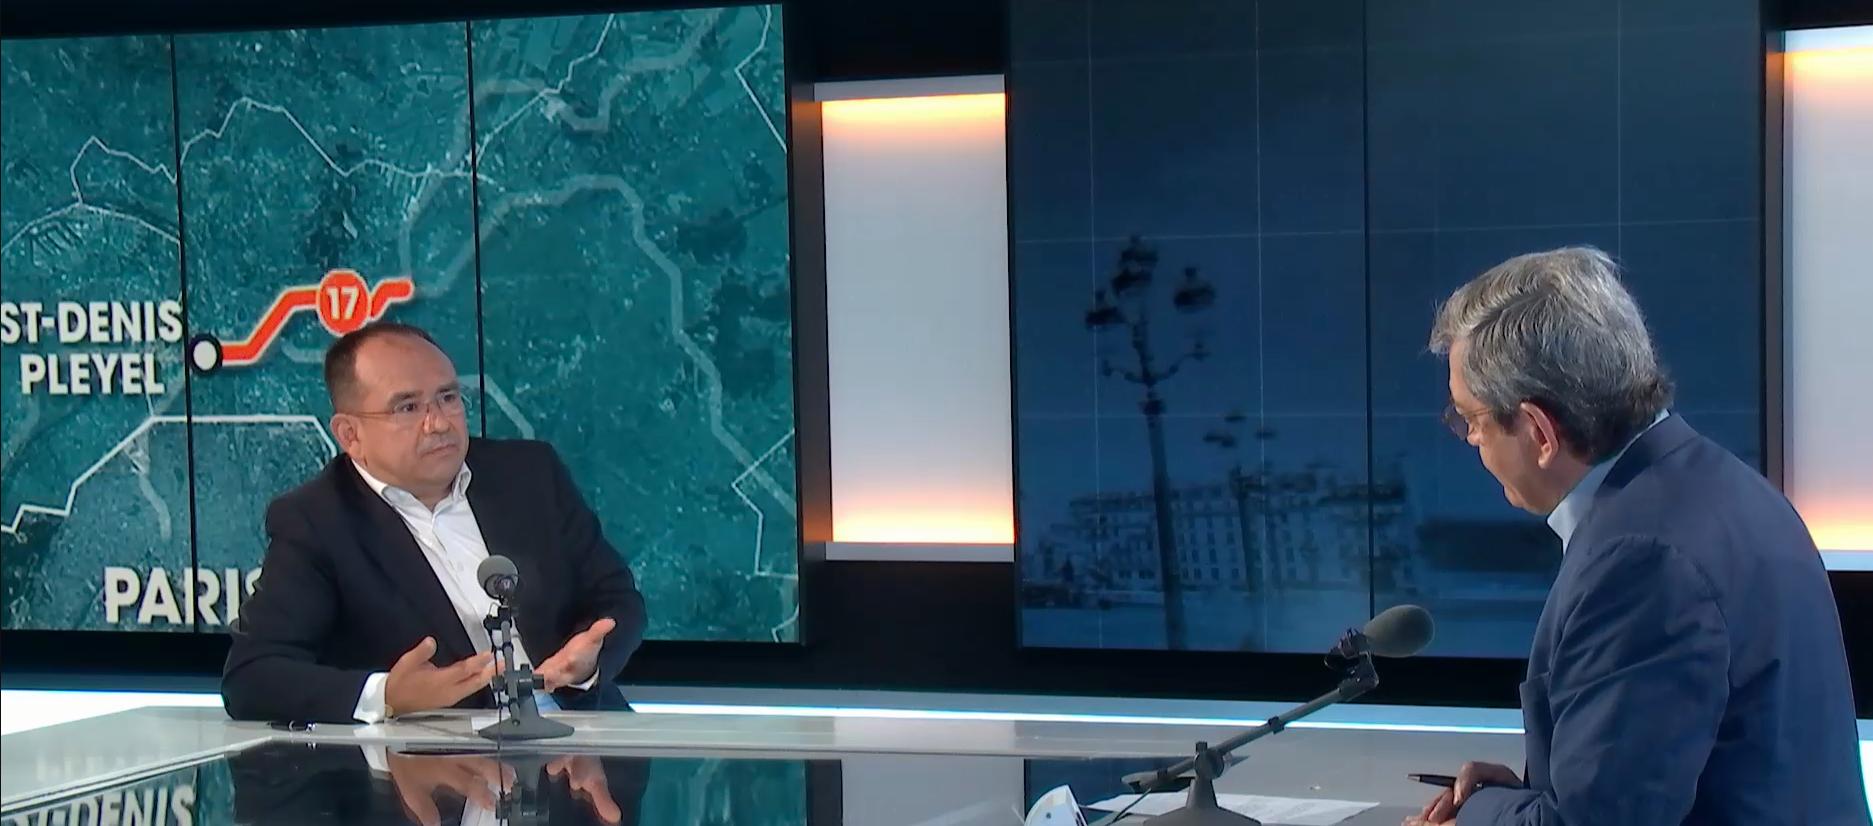 Roberto Romero Aguilar, Concejal de la Región Isla de Francia sobre el proyecto del Gran Paris, invitado de Escala en Paris, Paris, agosto, 2021